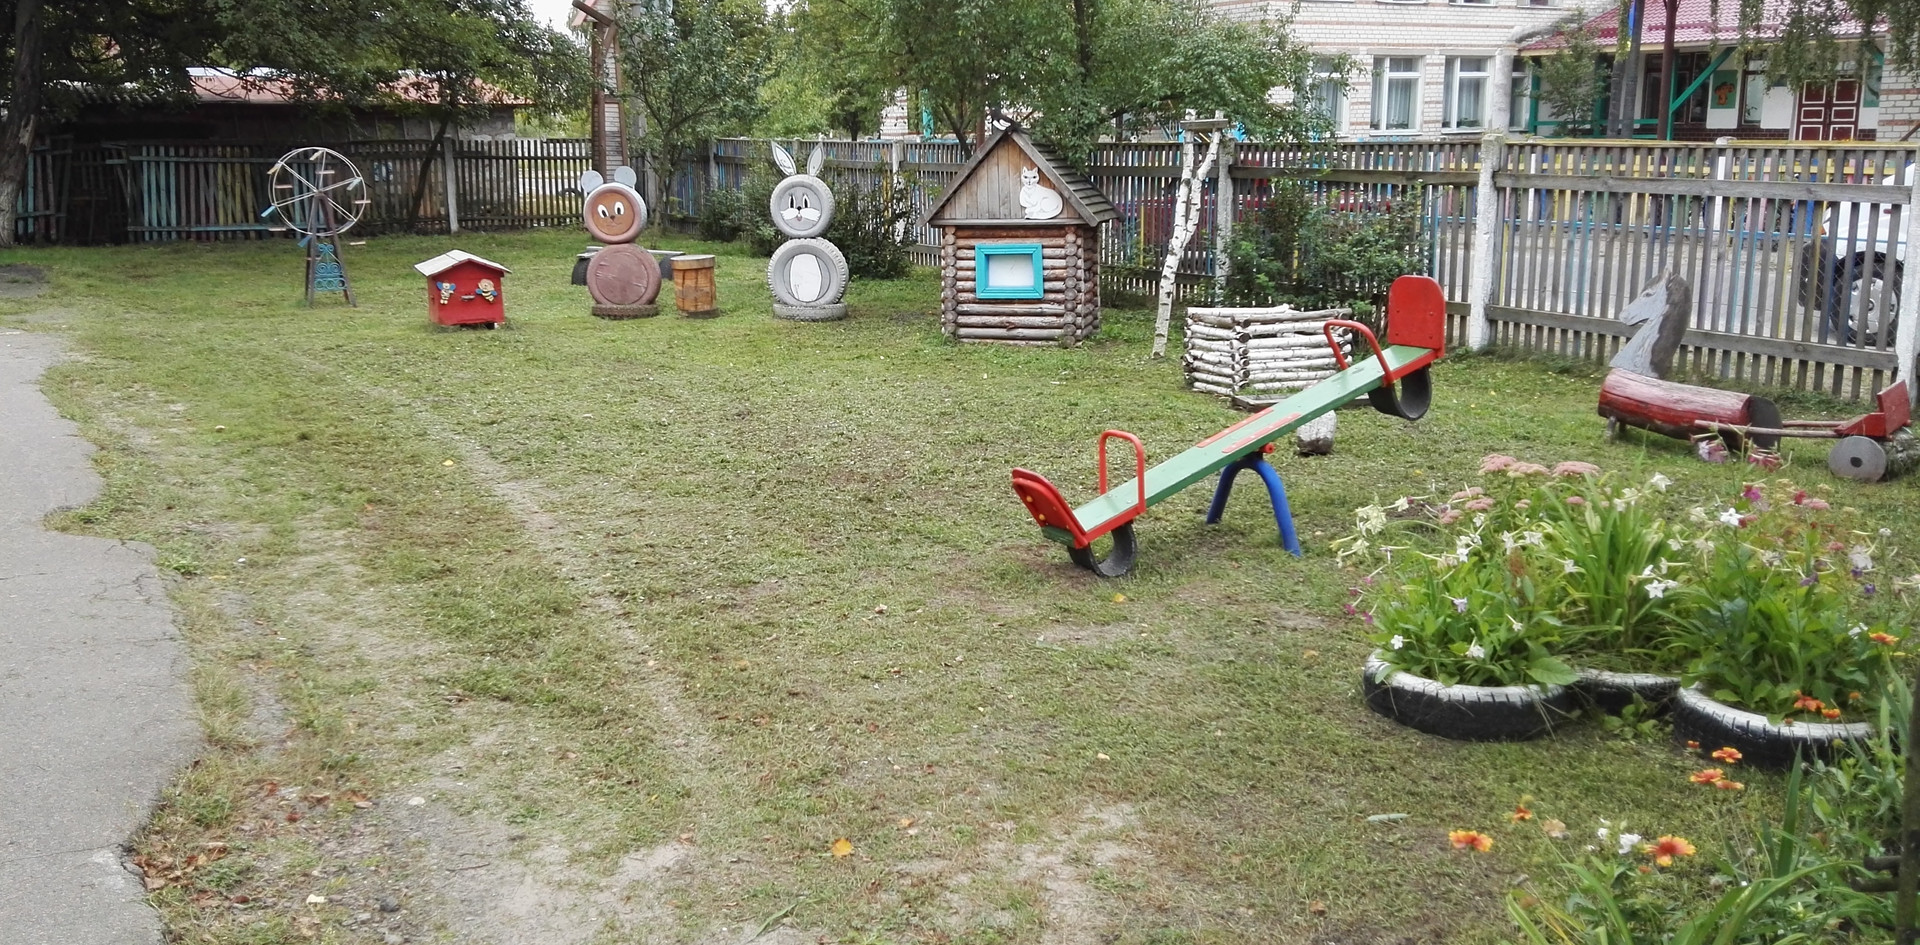 Vorgarten vom Kindergarten Snowsk - 2017